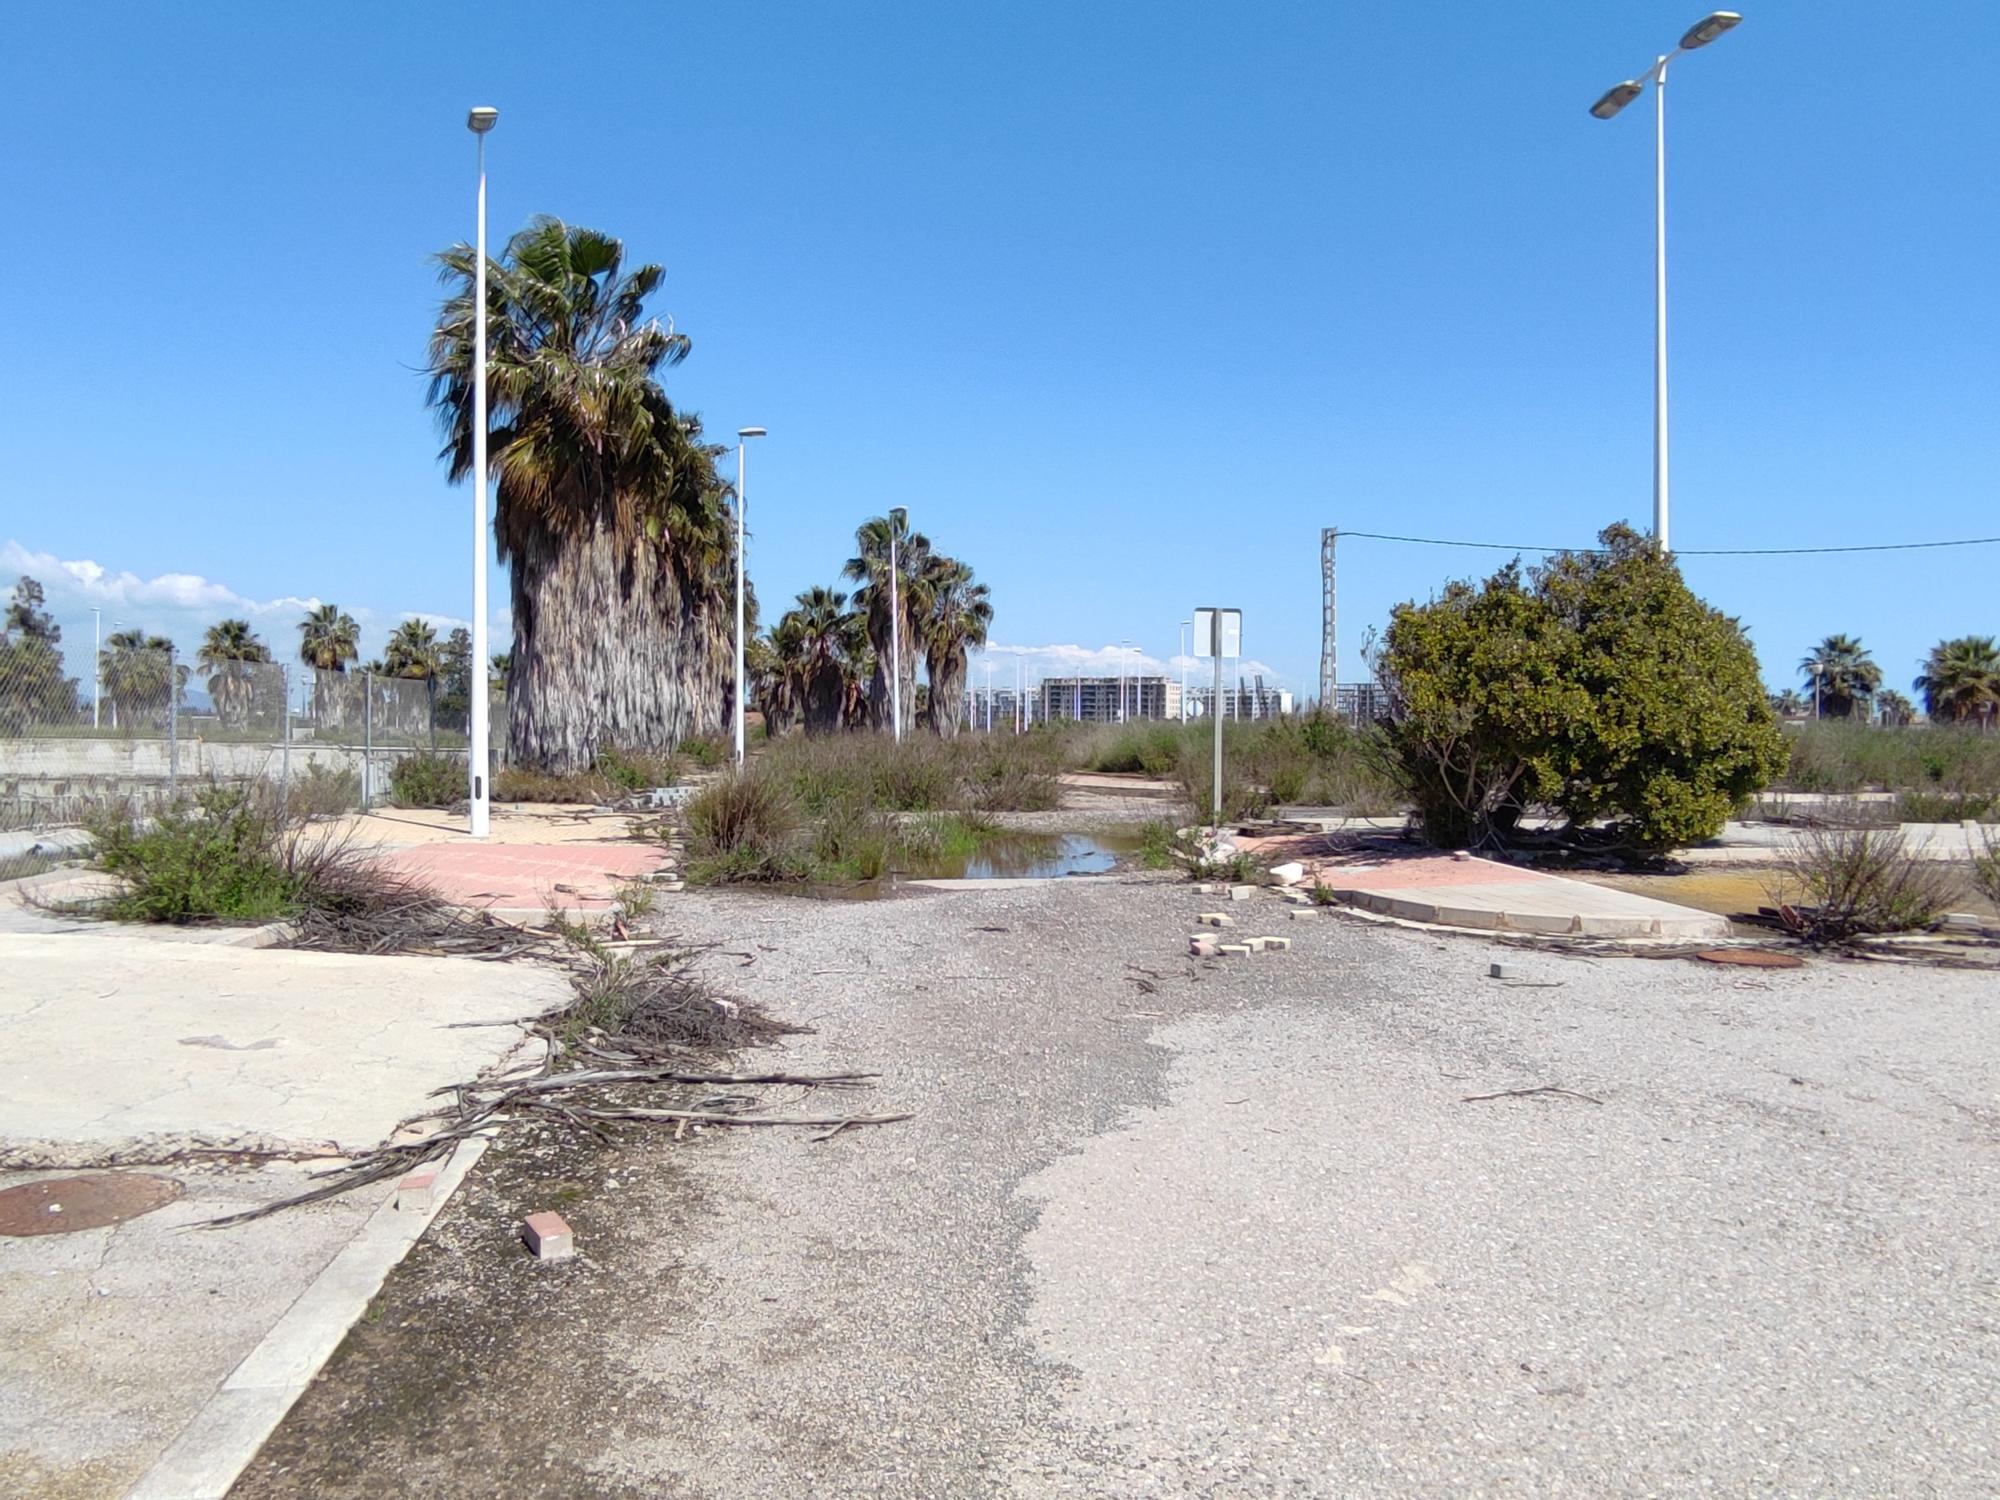 El PAI Belcaire Sur de Moncofa, una urbanización abandonada y habitada solo por la maleza